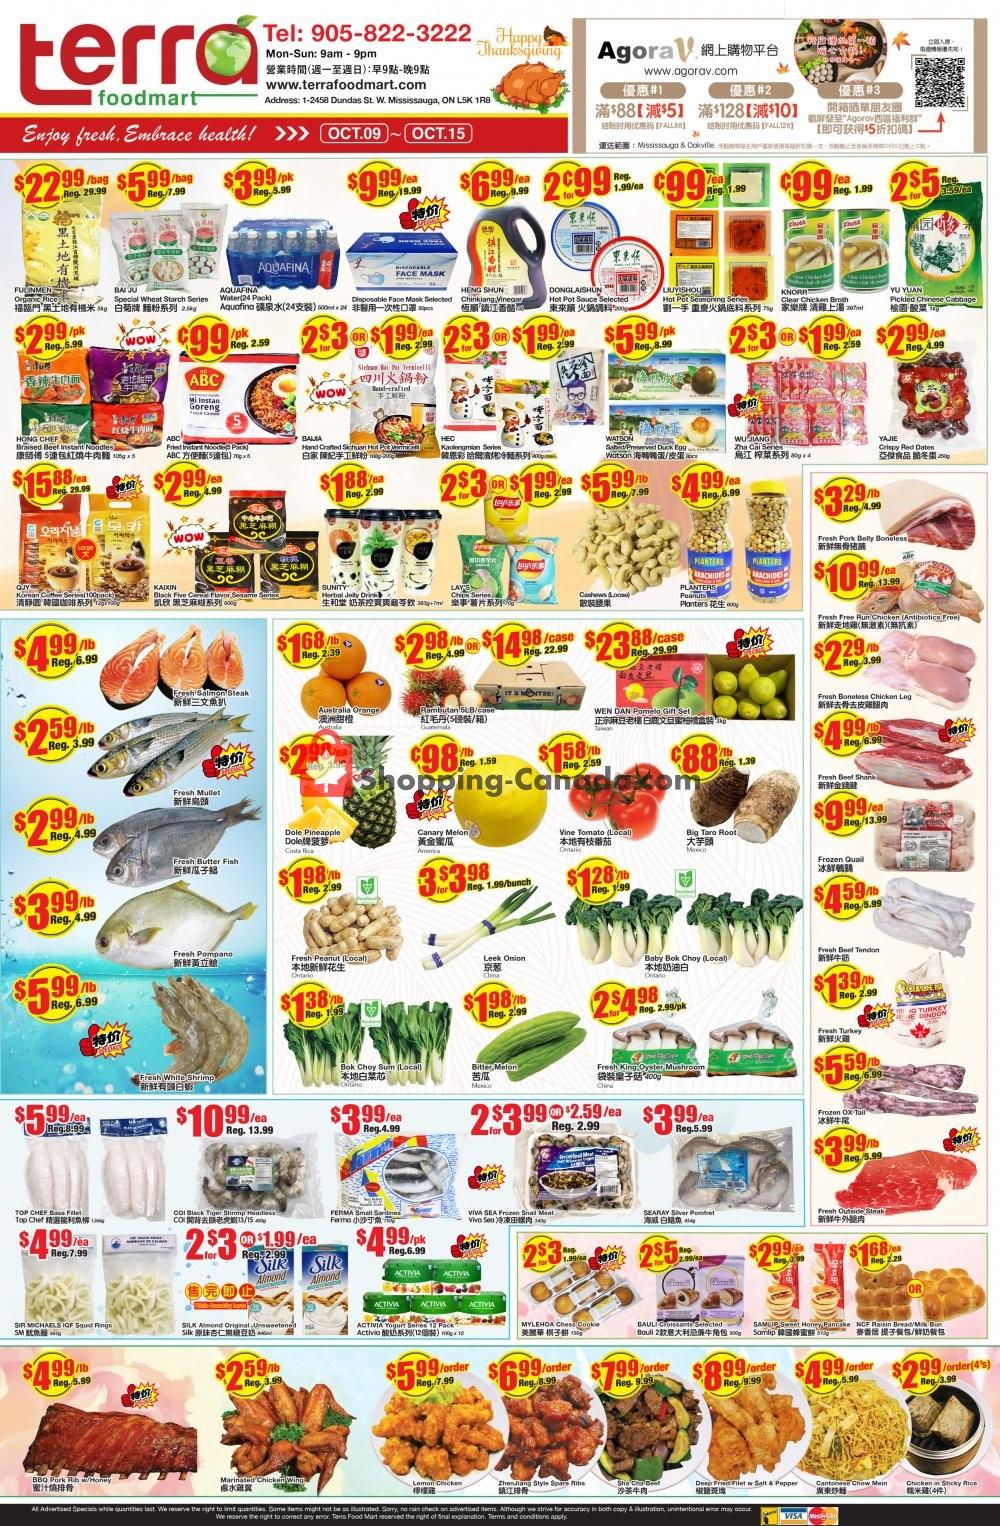 Flyer Terra Foodmart Canada - from Friday October 9, 2020 to Thursday October 15, 2020